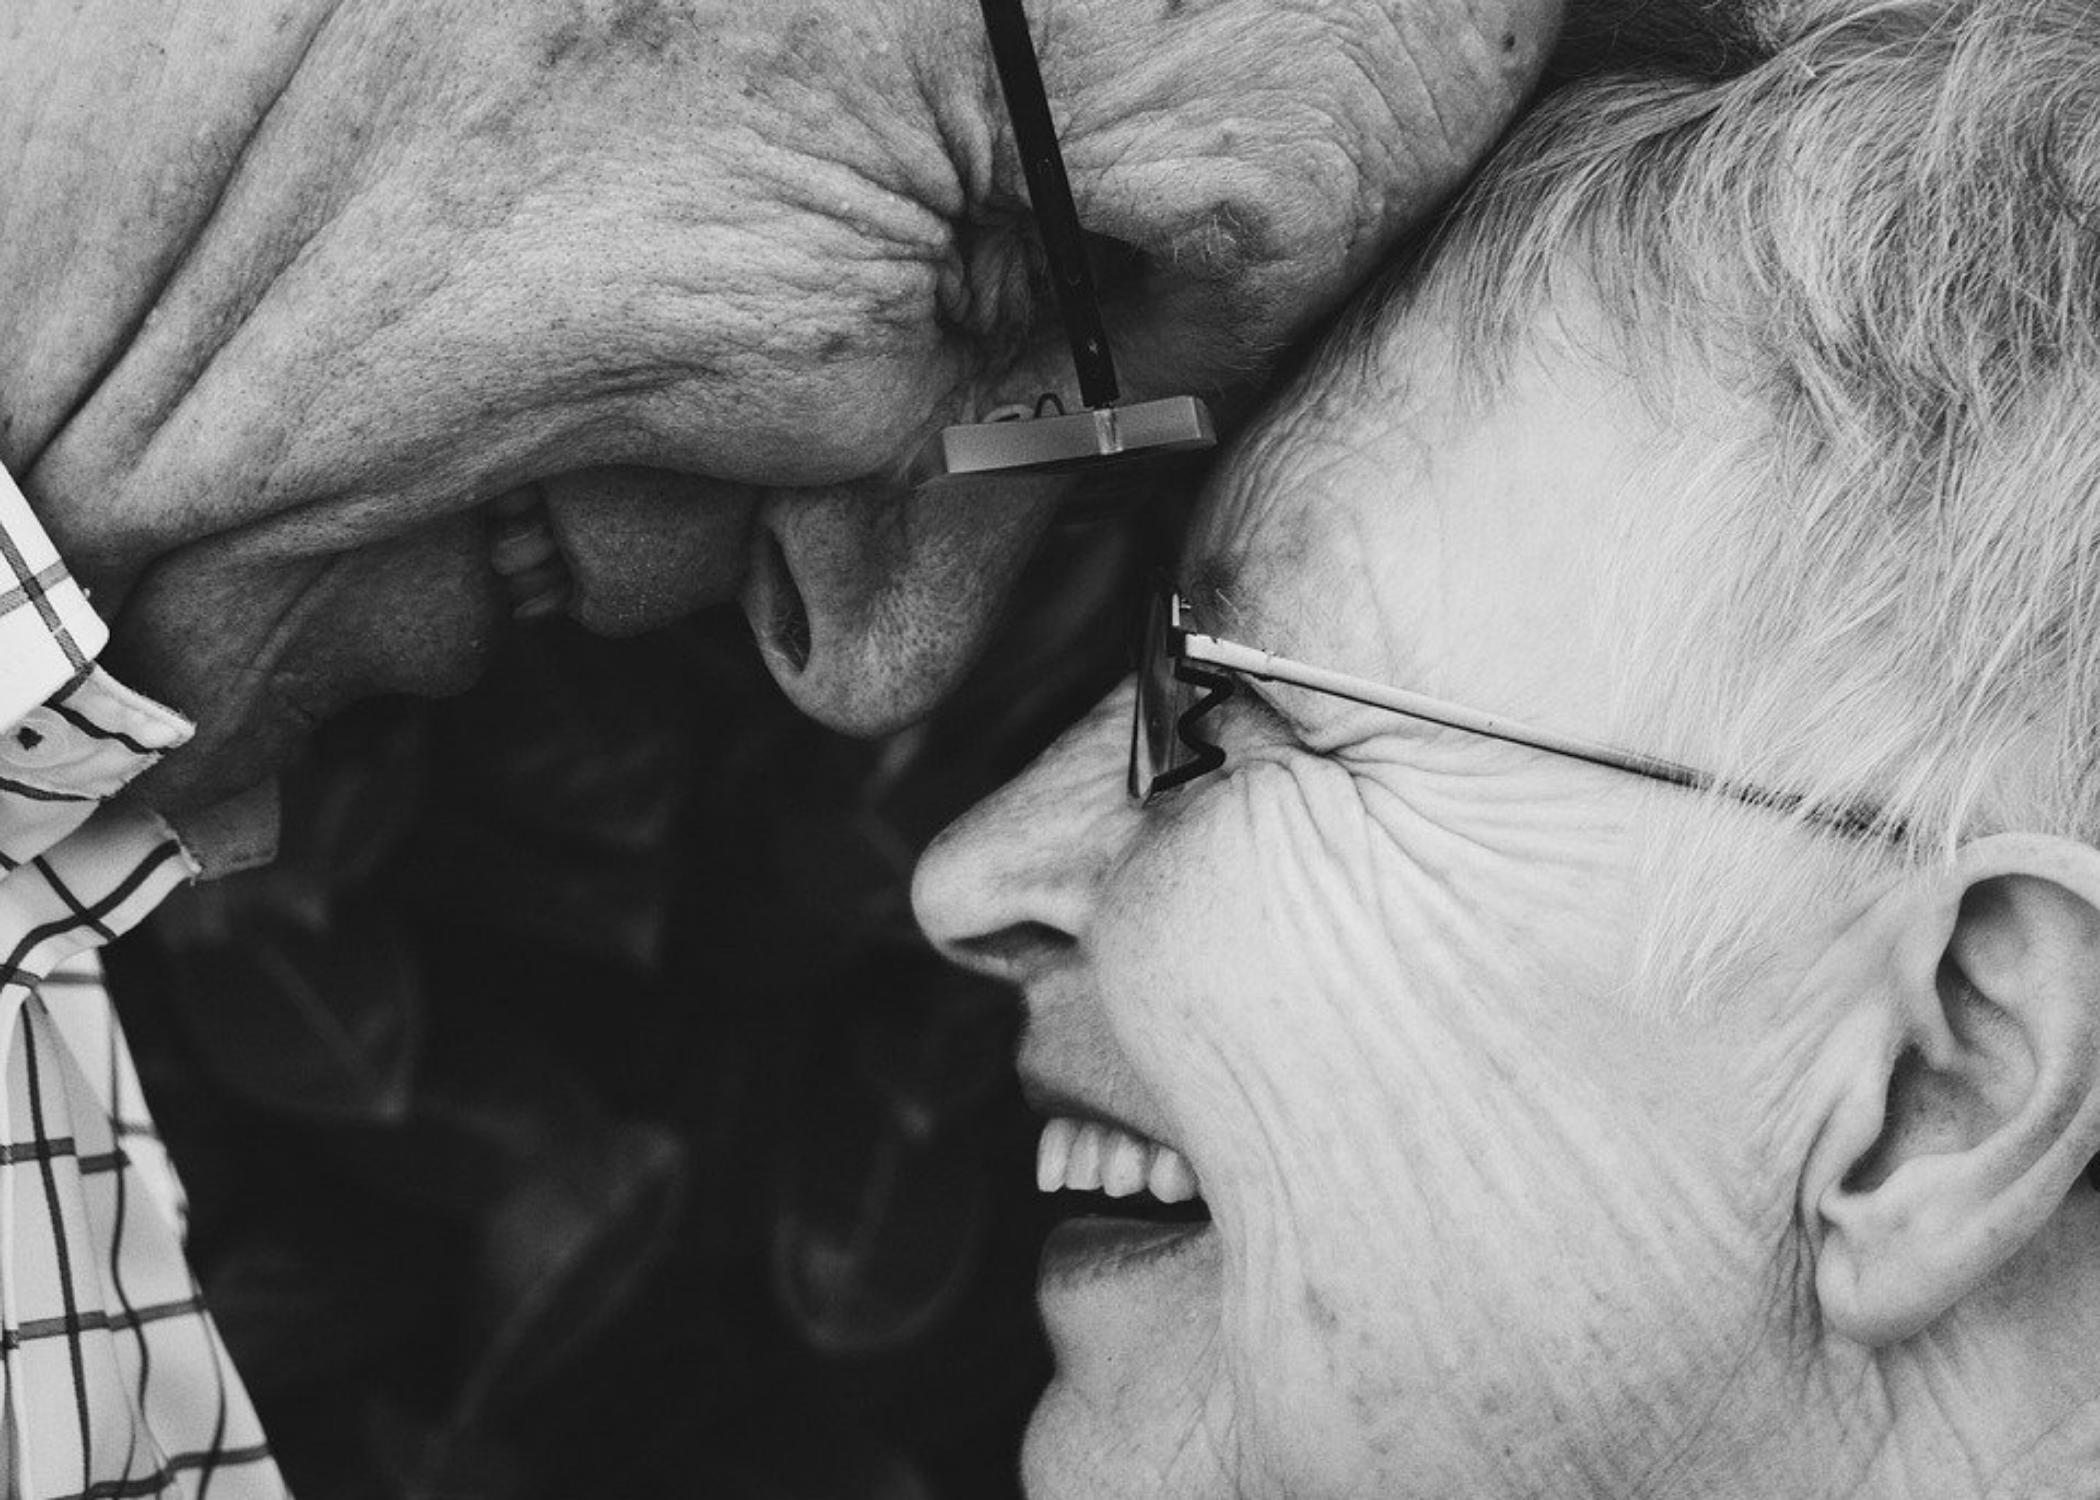 Happy Elders with companionship